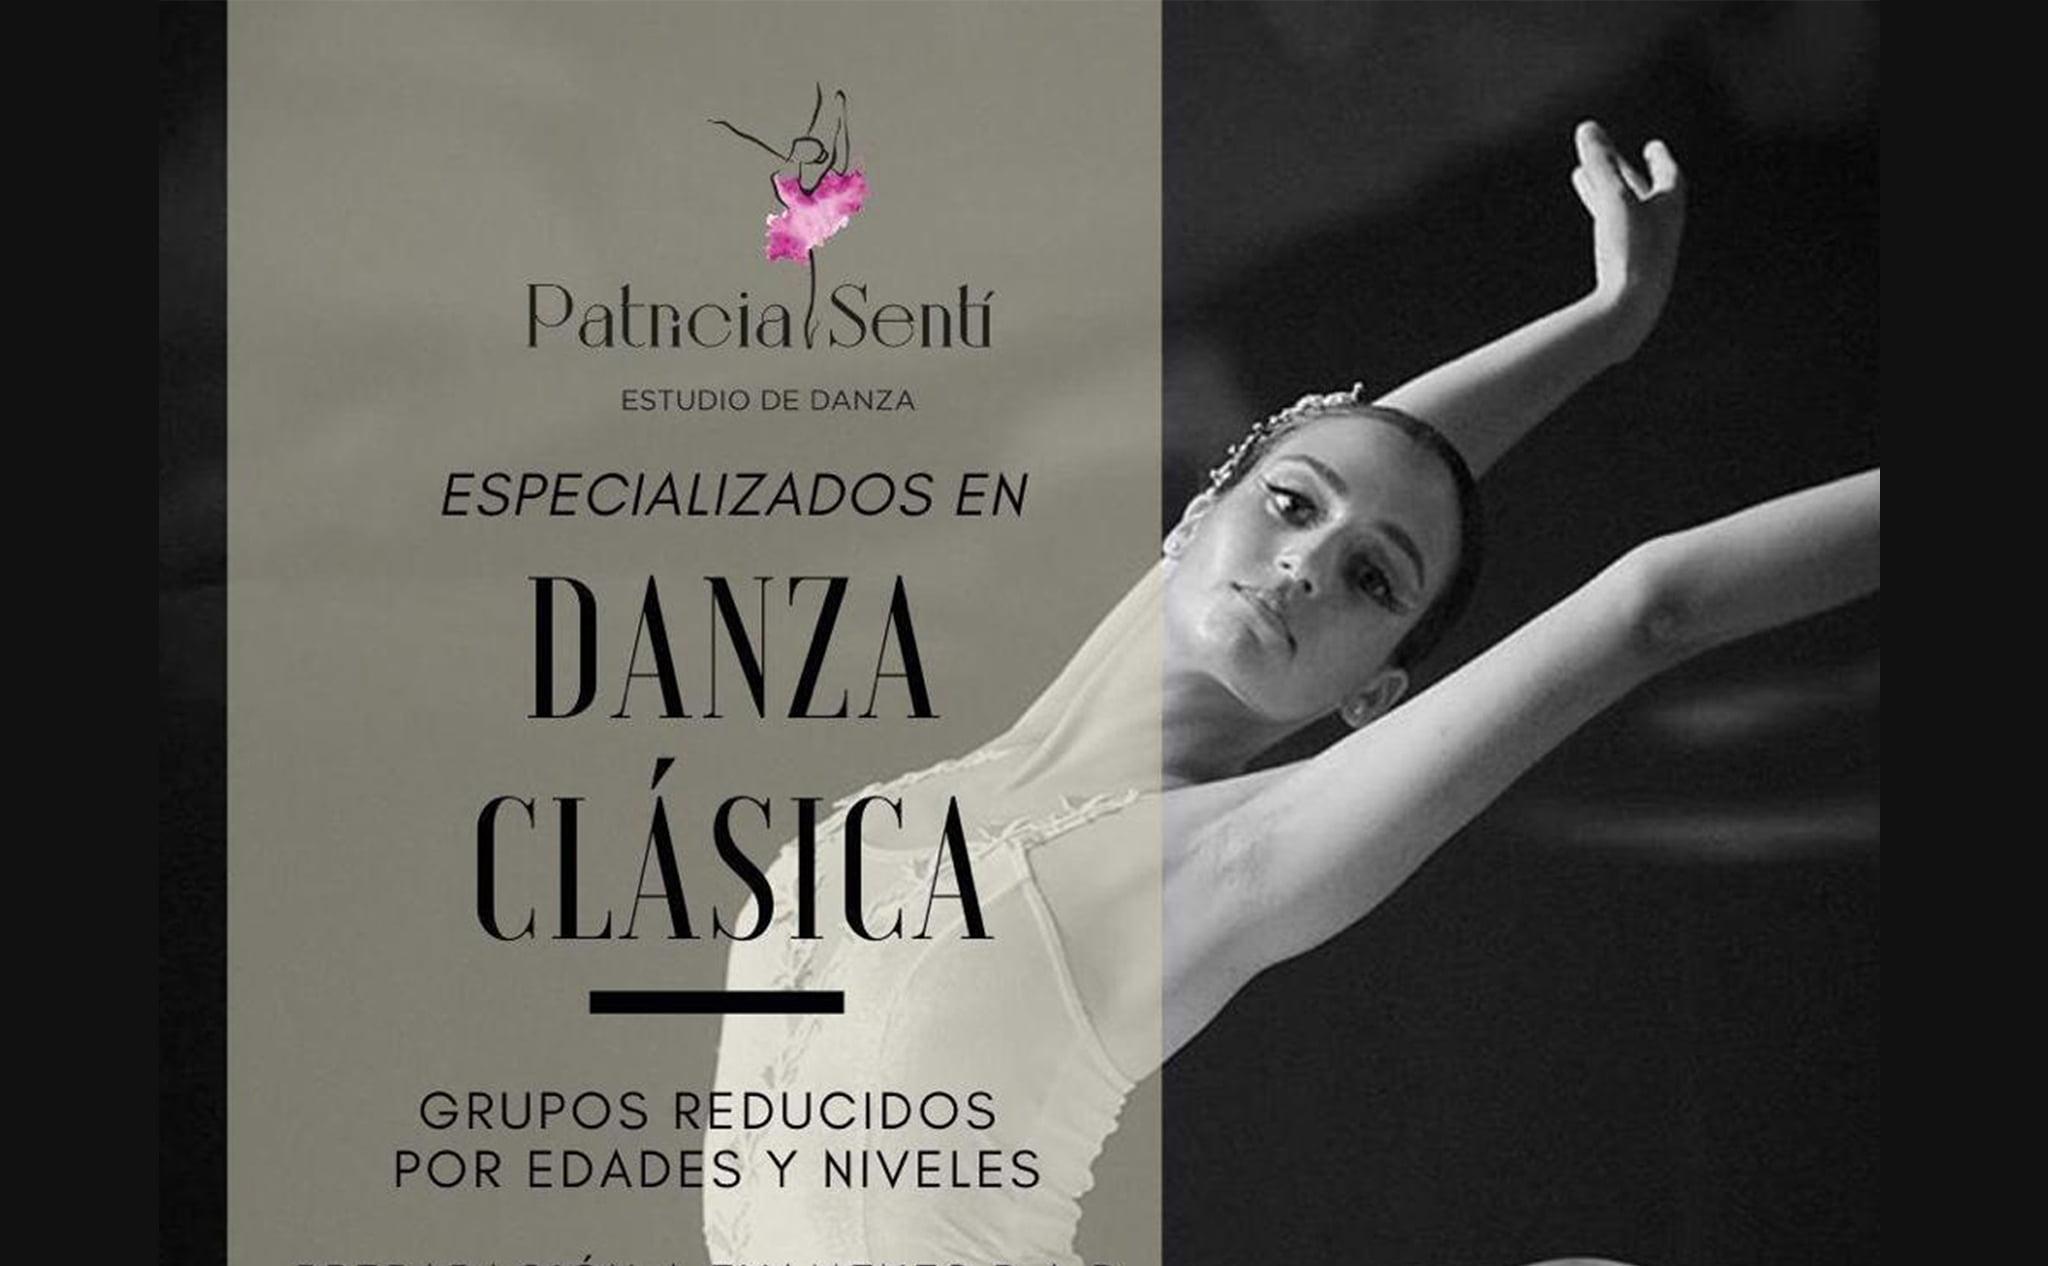 Danse classique à Dénia - Patricia Sentí Dance Studio